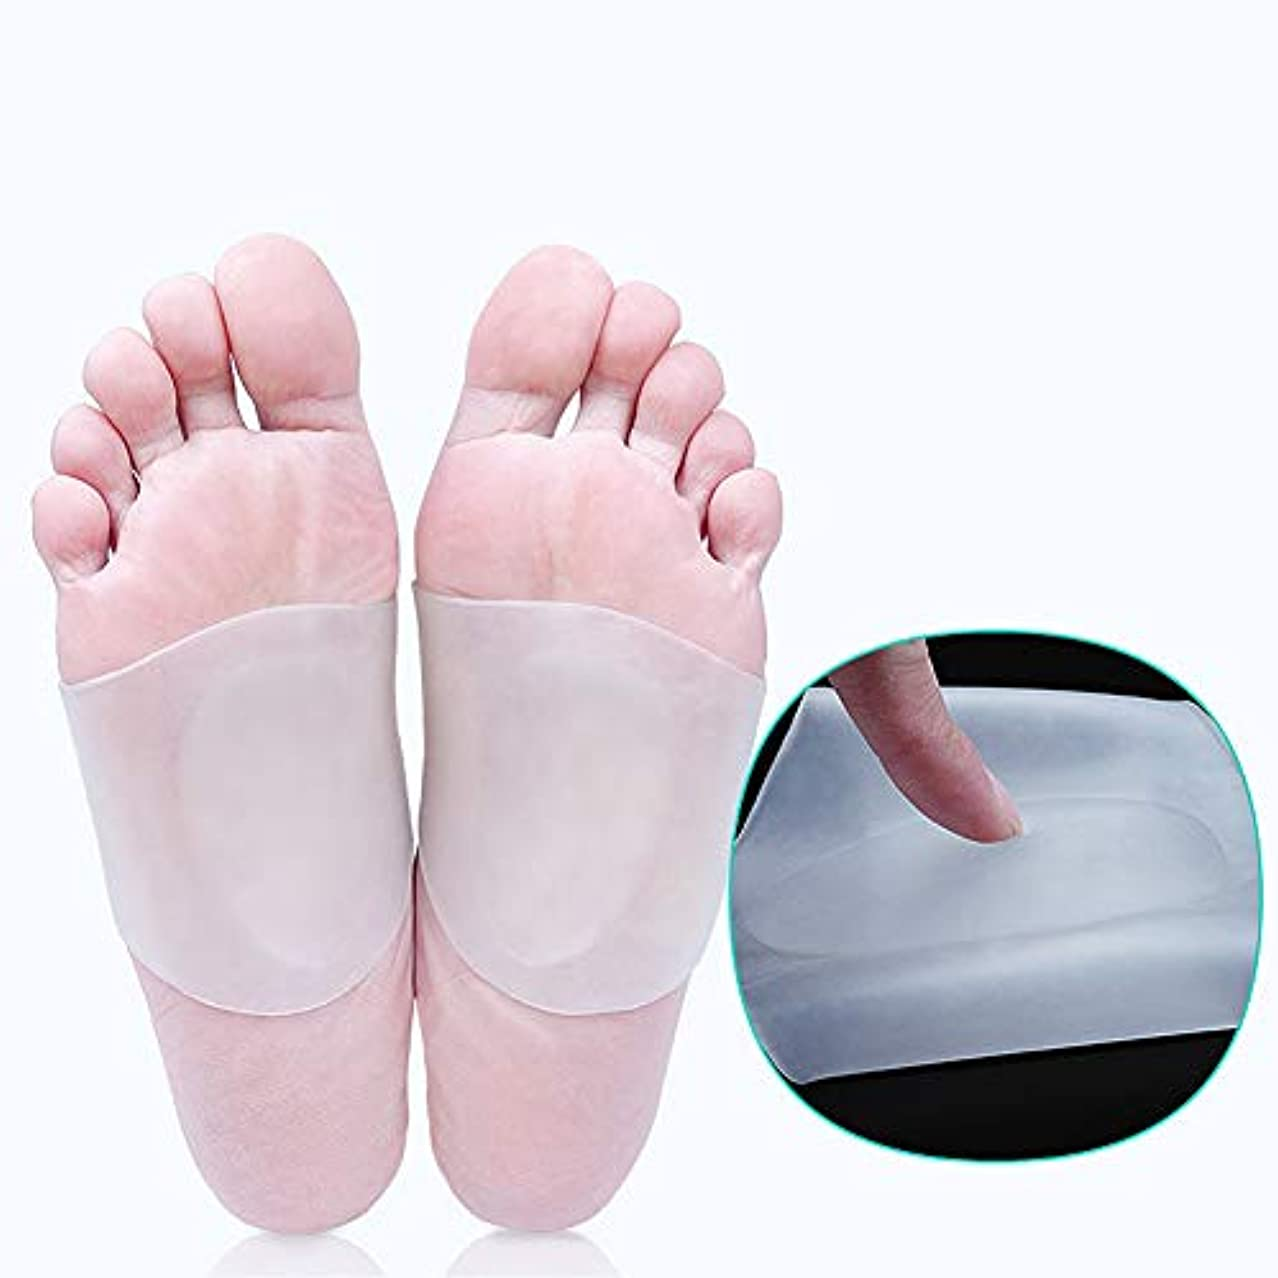 機構ワークショップ知っているに立ち寄るアーチ型サポートシューインサートフットパッド、足底筋膜炎インサートフラットフットパッド、ハイまたはローアーチジェルパッドインソール、フットアーチとかかとの痛みを緩和 (S)